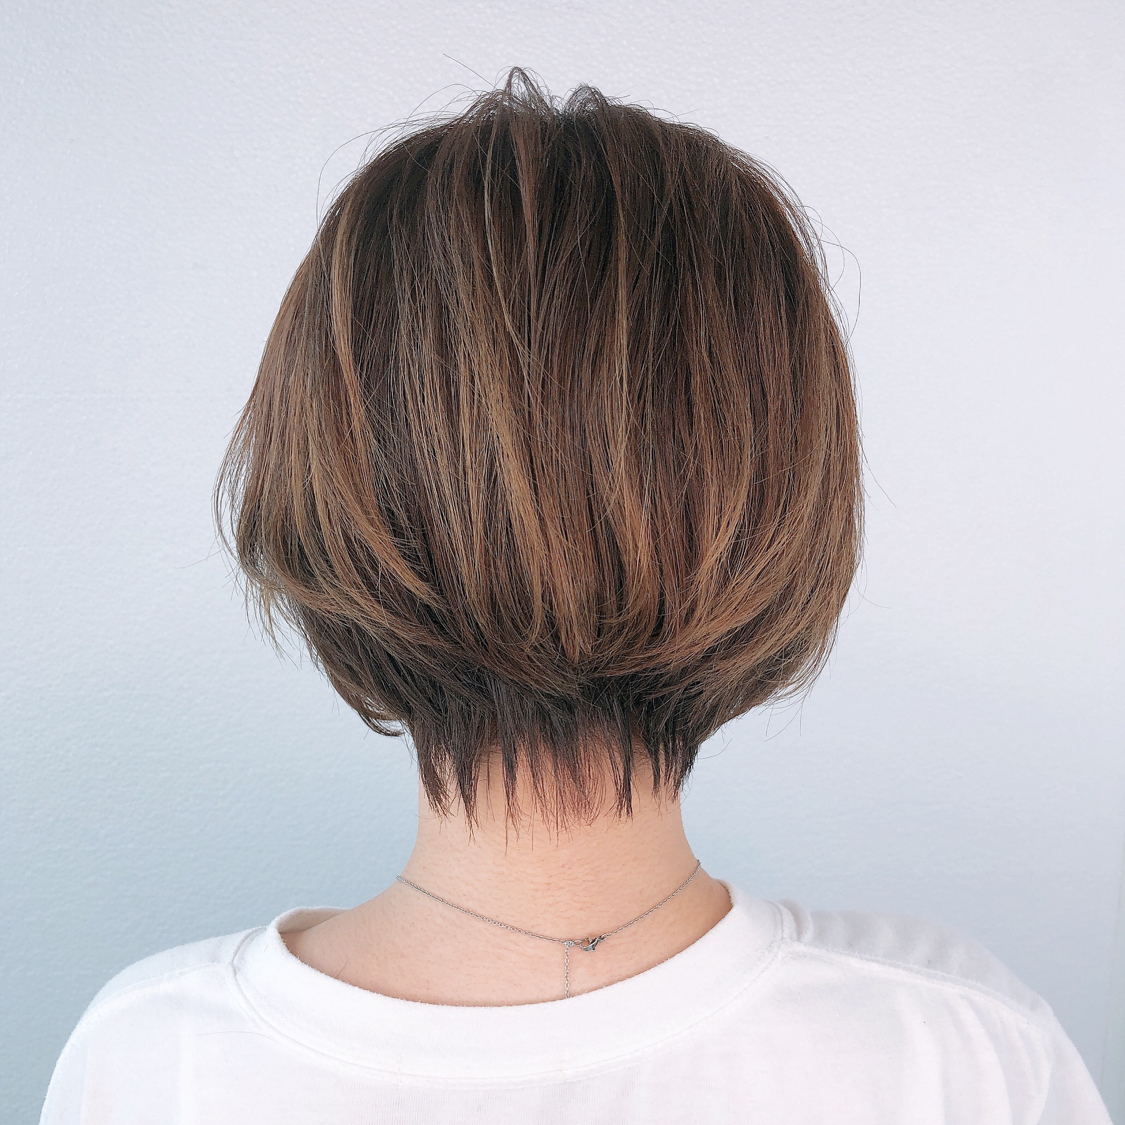 【ハンサムショート】 ●ショートスタイルだけど 女性らしさを残したデザイン ●耳掛けするかしないかで 印象が変わるので その日のイメージを作りやすい ●寝癖直しのみですぐにお出掛けできる #岡山美容室#岡山美容師#サロンモデル#サロンスタイル#ハンサムショート #ハンサムショート女子 #hair#モンクレール #moncler #hairstyle#shorthair #ショートヘア #髪型#古作蓮#レディースショート #外国人風#beauty#西海岸風#撮影モデル#美容室MICHI#michi富田店#大元駅#大元駅美容室#stylist#followme#cut #カリスマ美容師#ショートボブ #サロンワーク#ショート女子